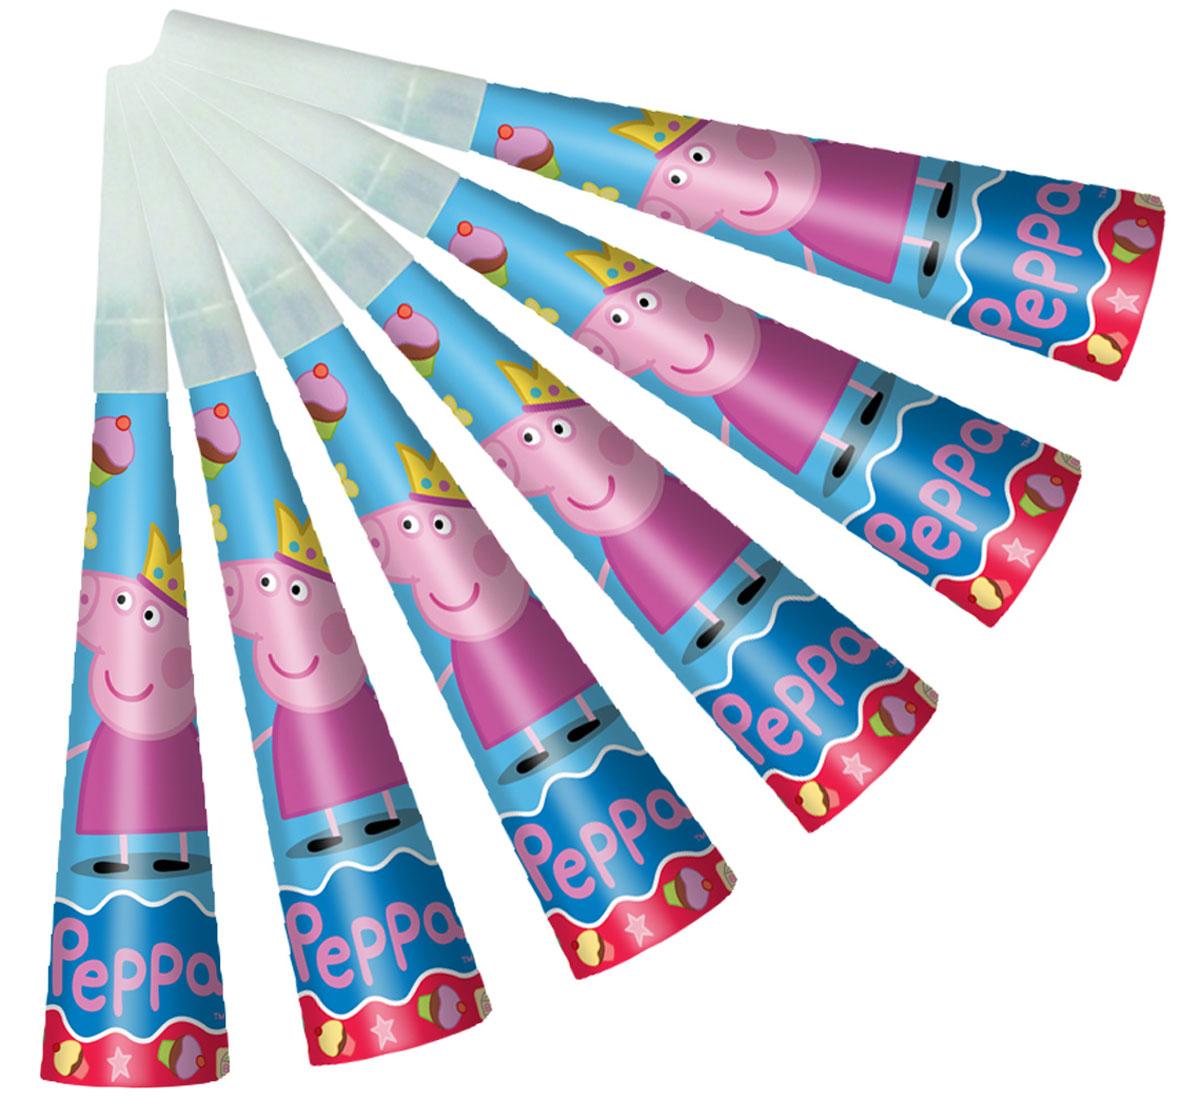 Peppa Pig Дудочка Пеппа-принцесса 6 шт подарочный набор посуды пеппа принцесса peppa pig